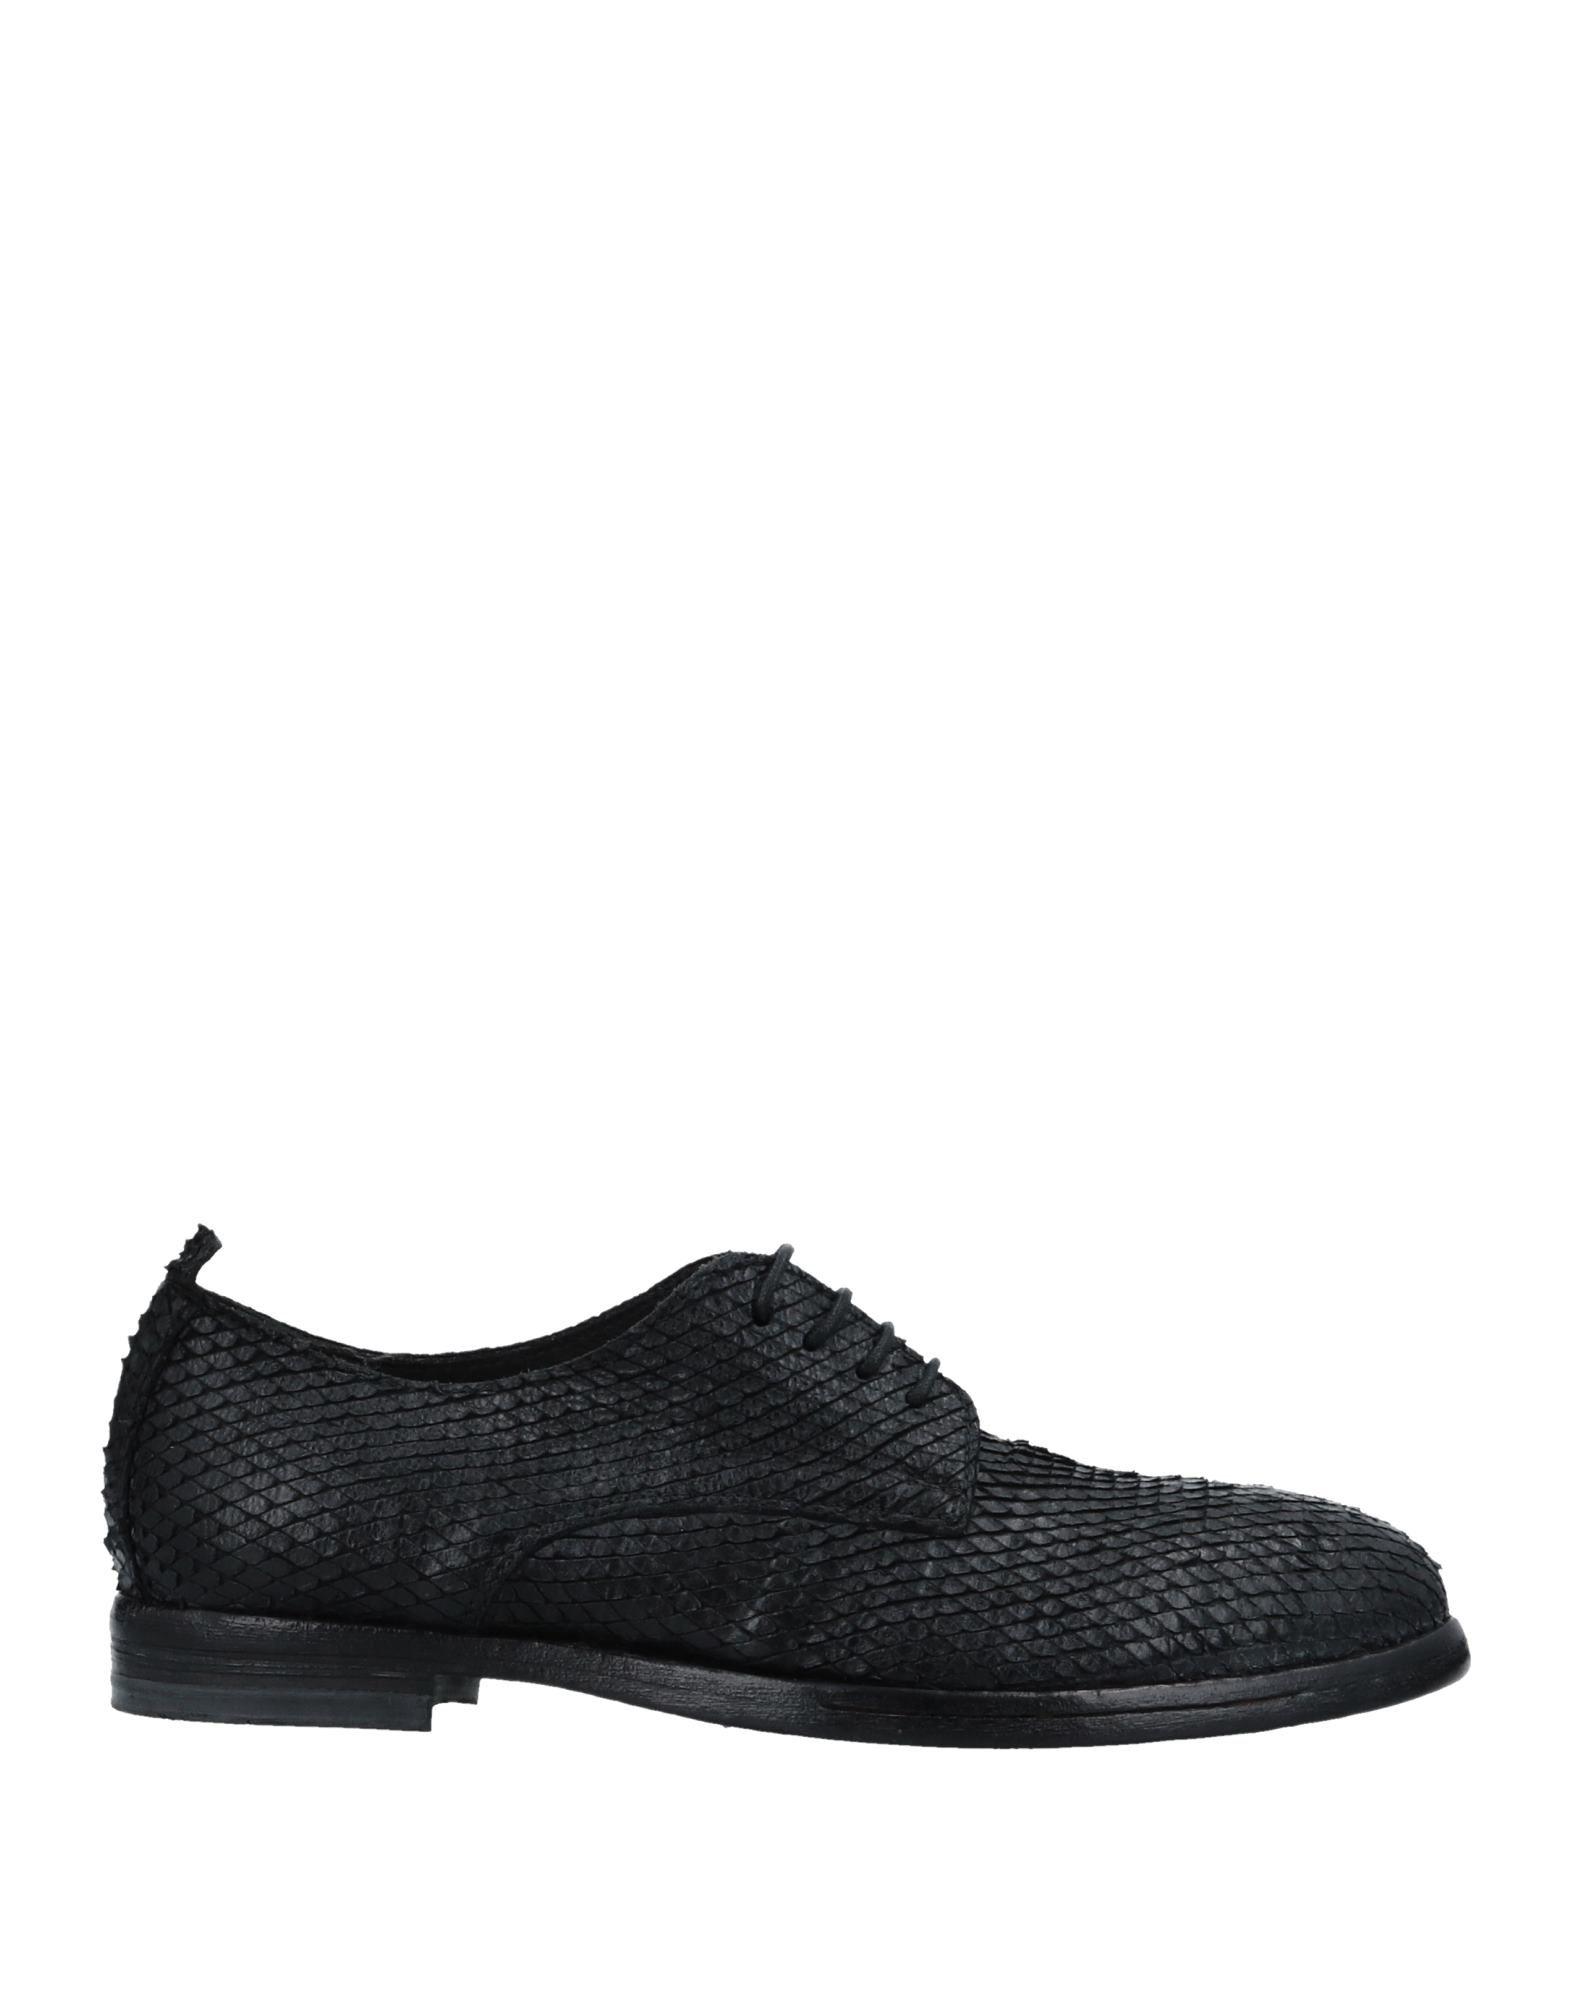 Moma Schnürschuhe Damen  11502420DHGut aussehende strapazierfähige Schuhe